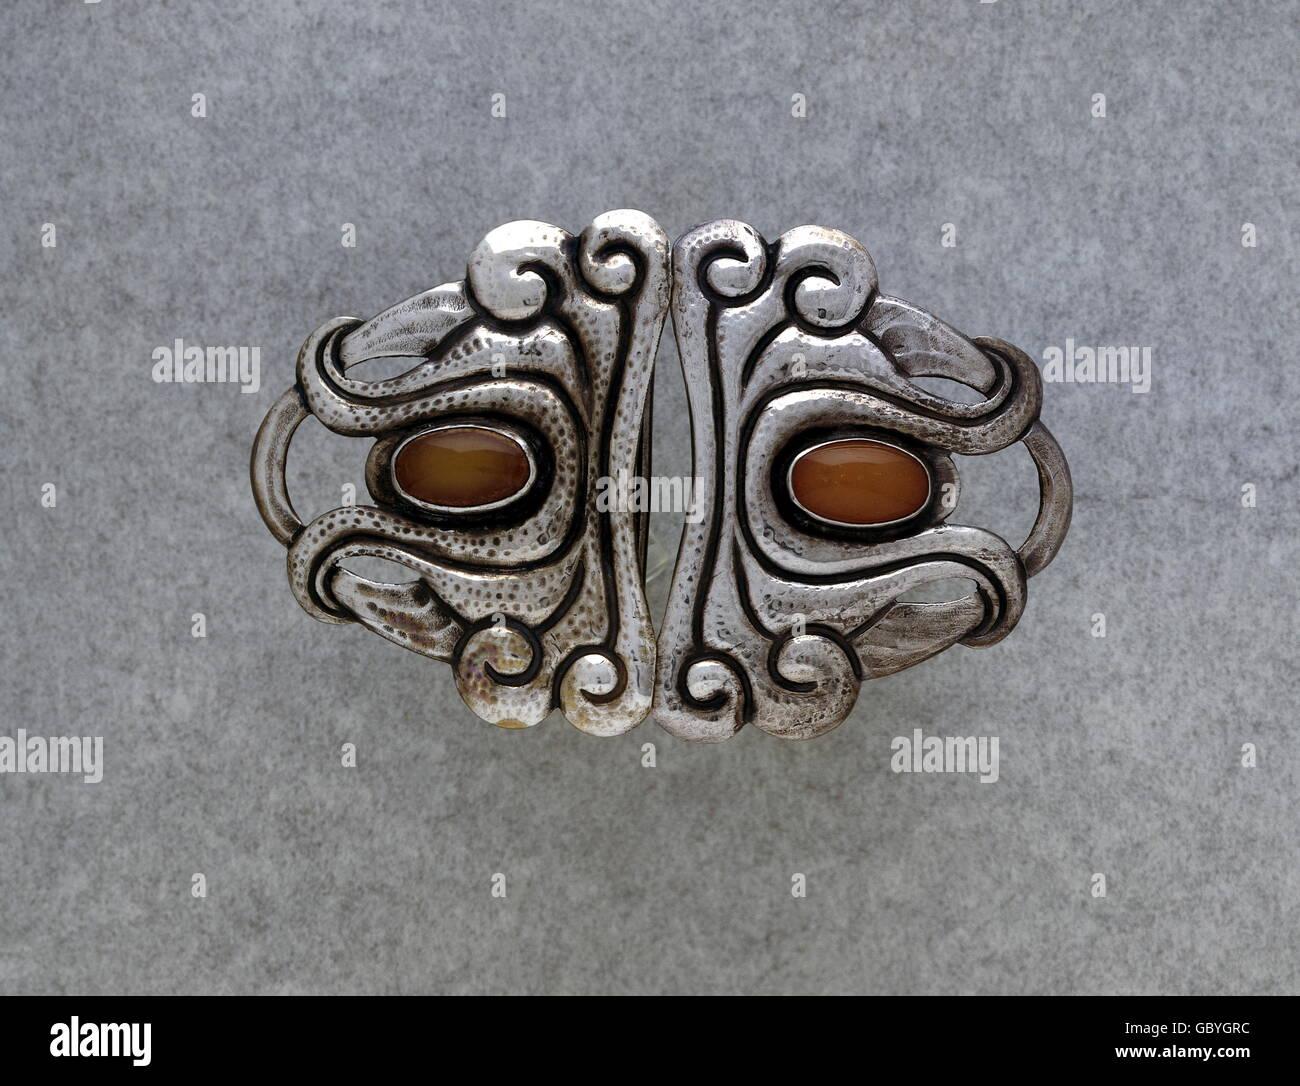 Bijoux, boucle de ceinture, argent, fer forgé, deux moonstones, deux ... 4002d2d1136